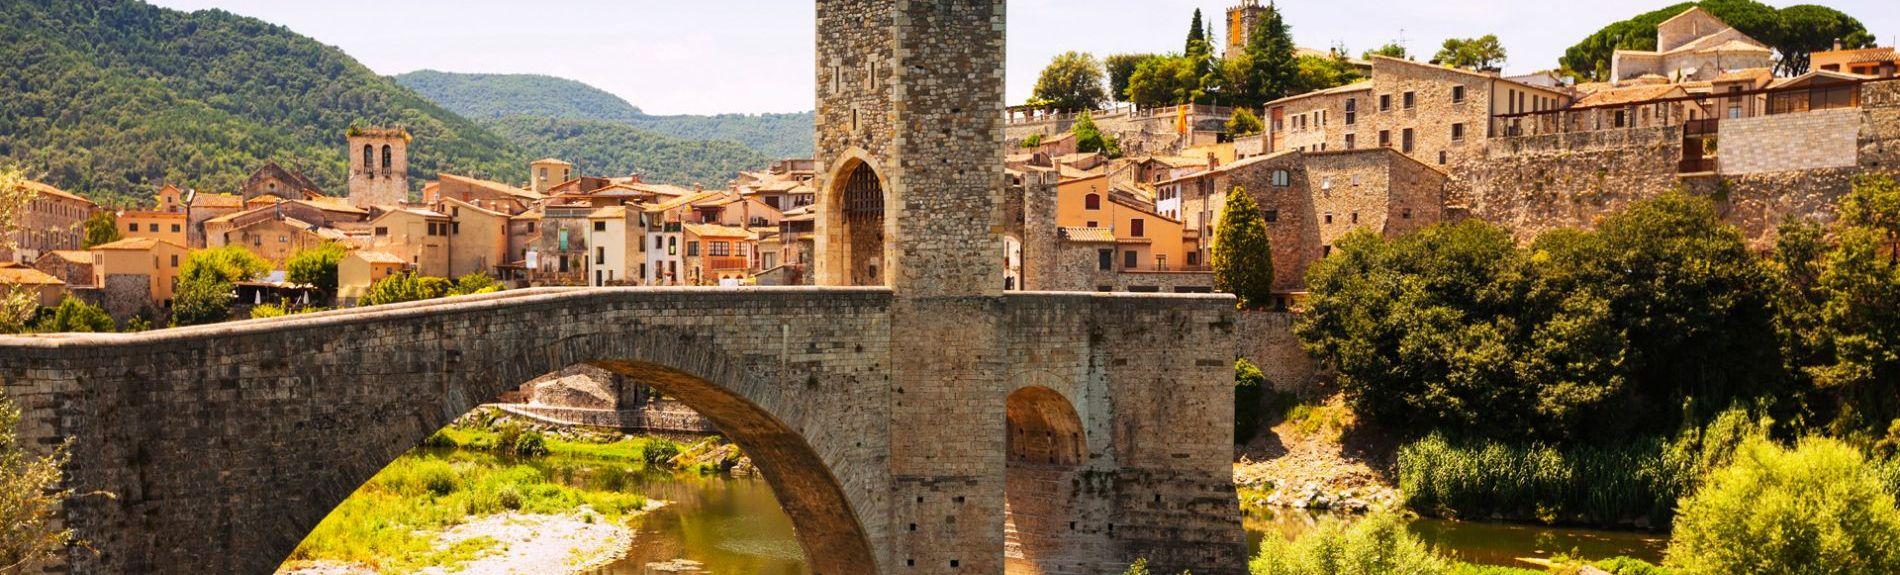 Brunyola, Girona, Spain